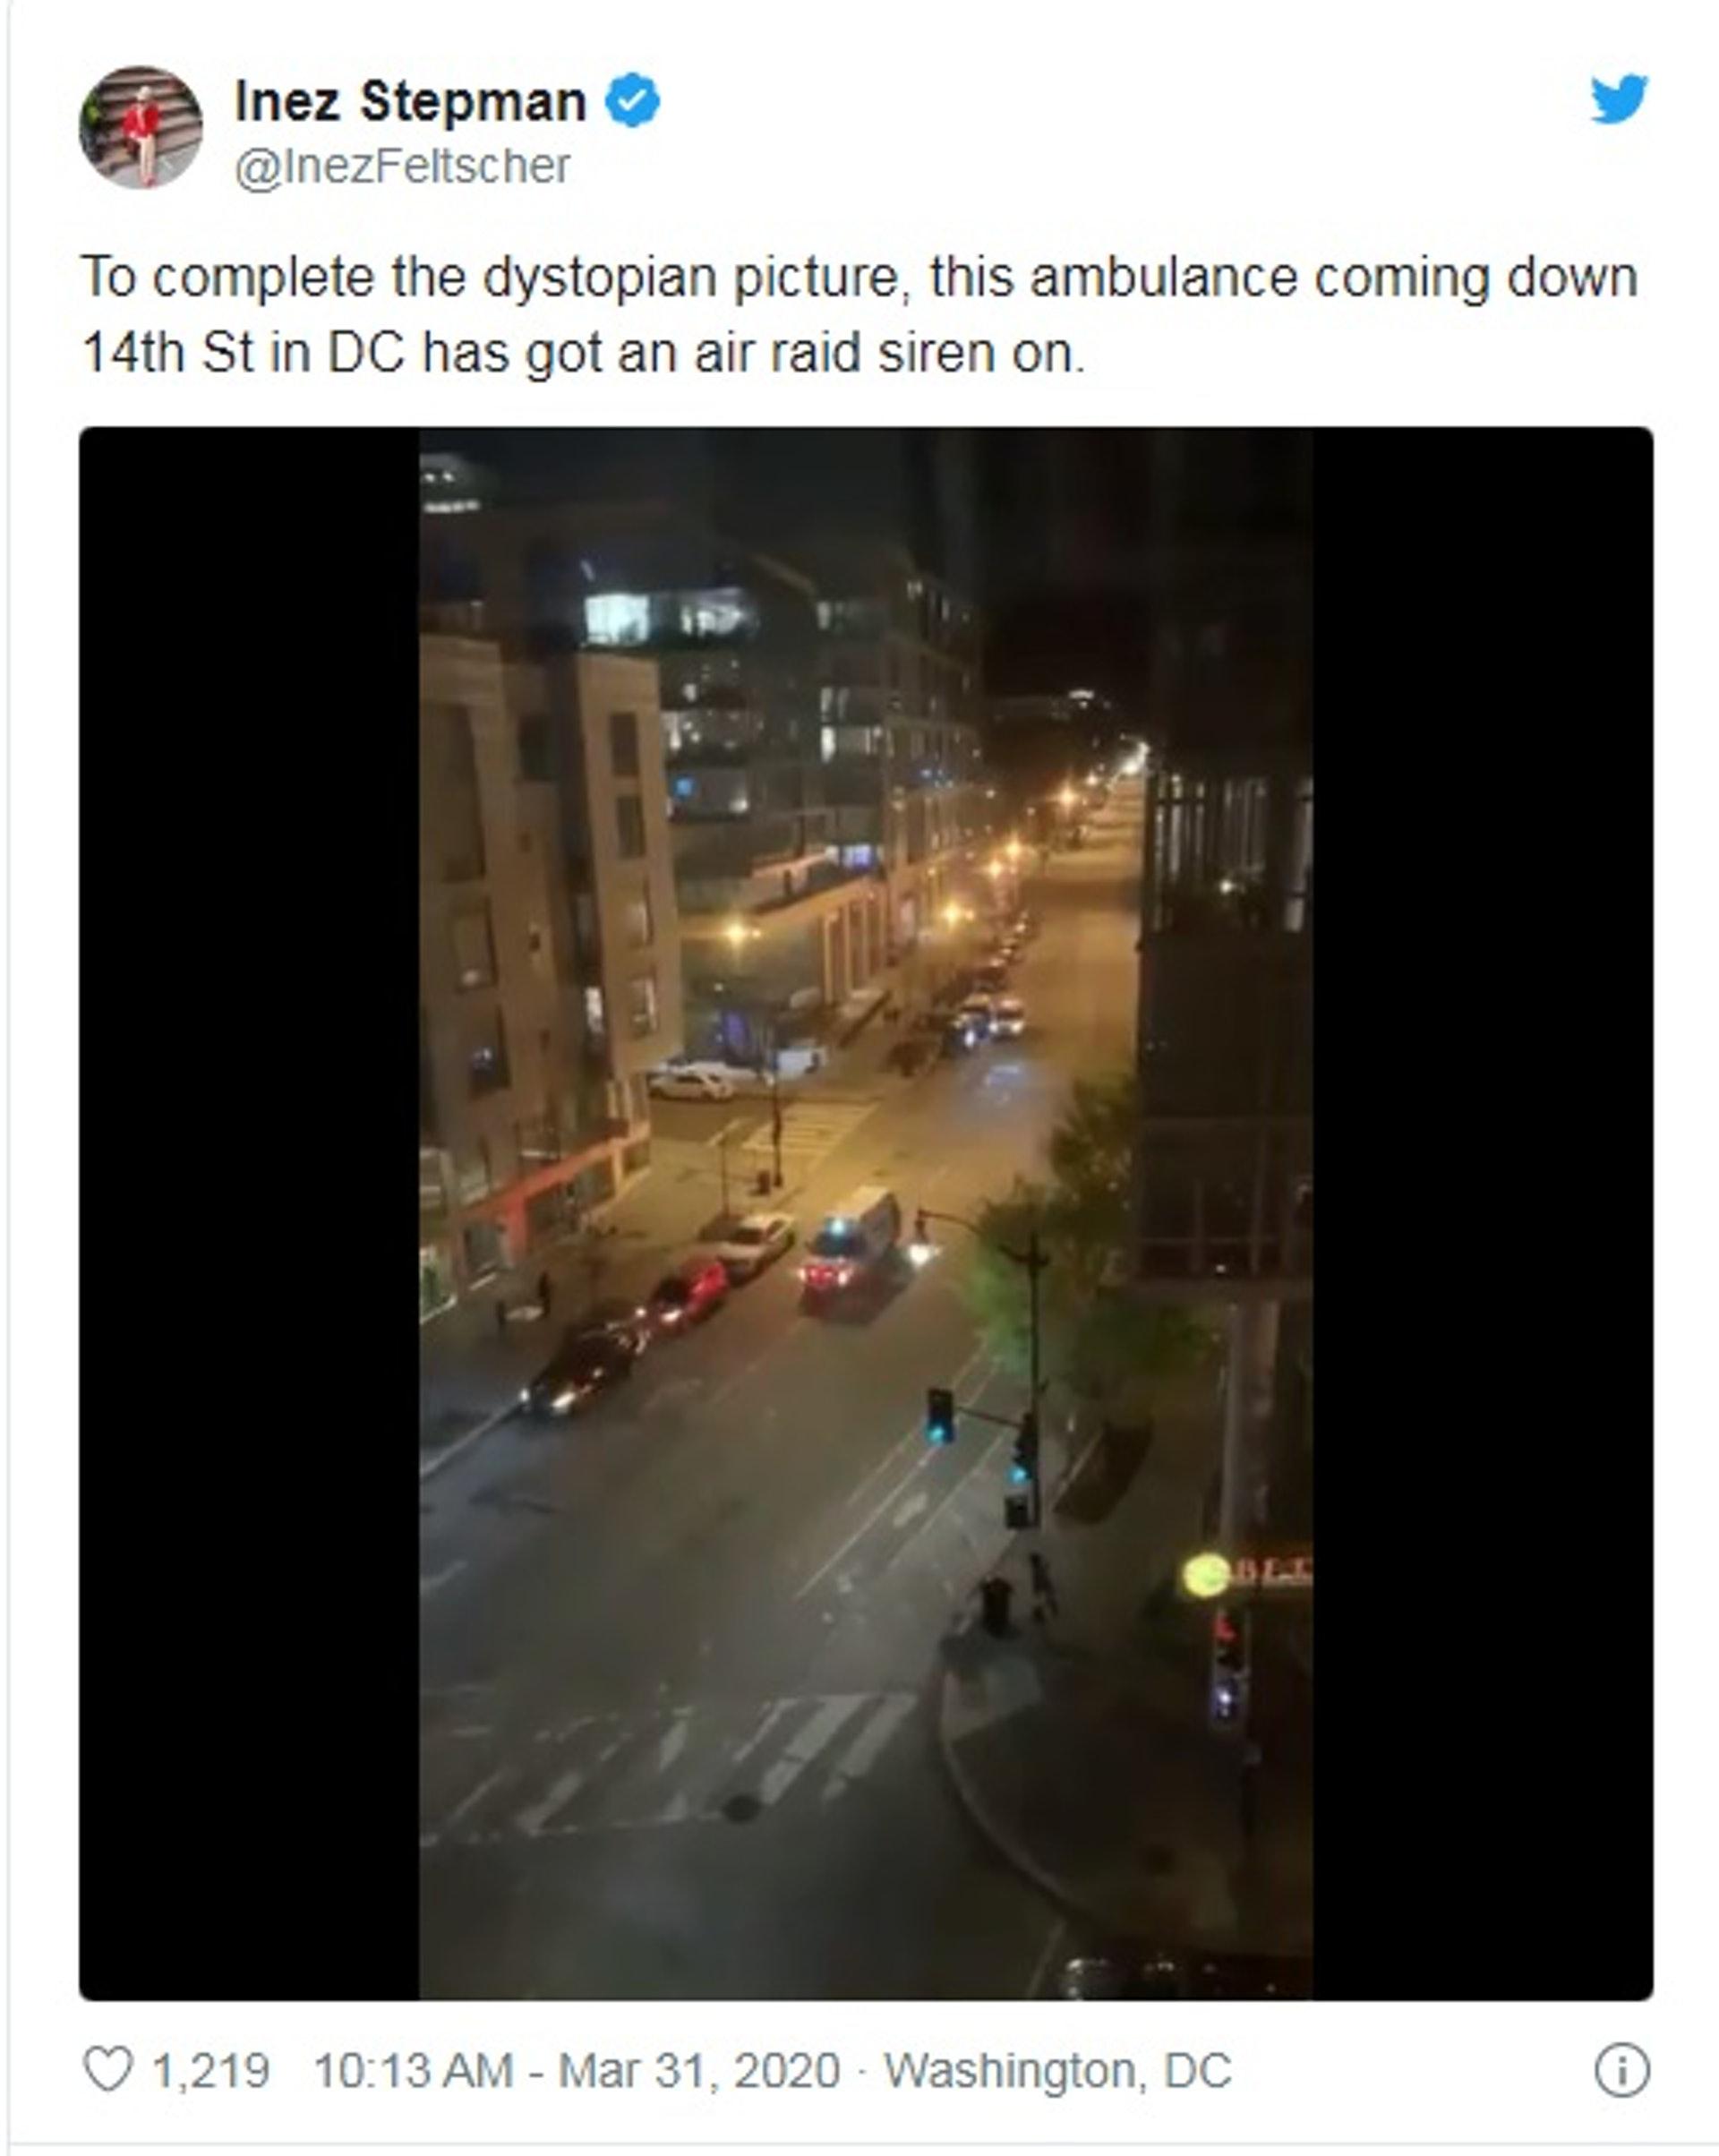 在上月,有民眾影到有救護車播放《國定殺戮日》中的聲音作為警報。(InezFeltscher Twitter 擷圖)